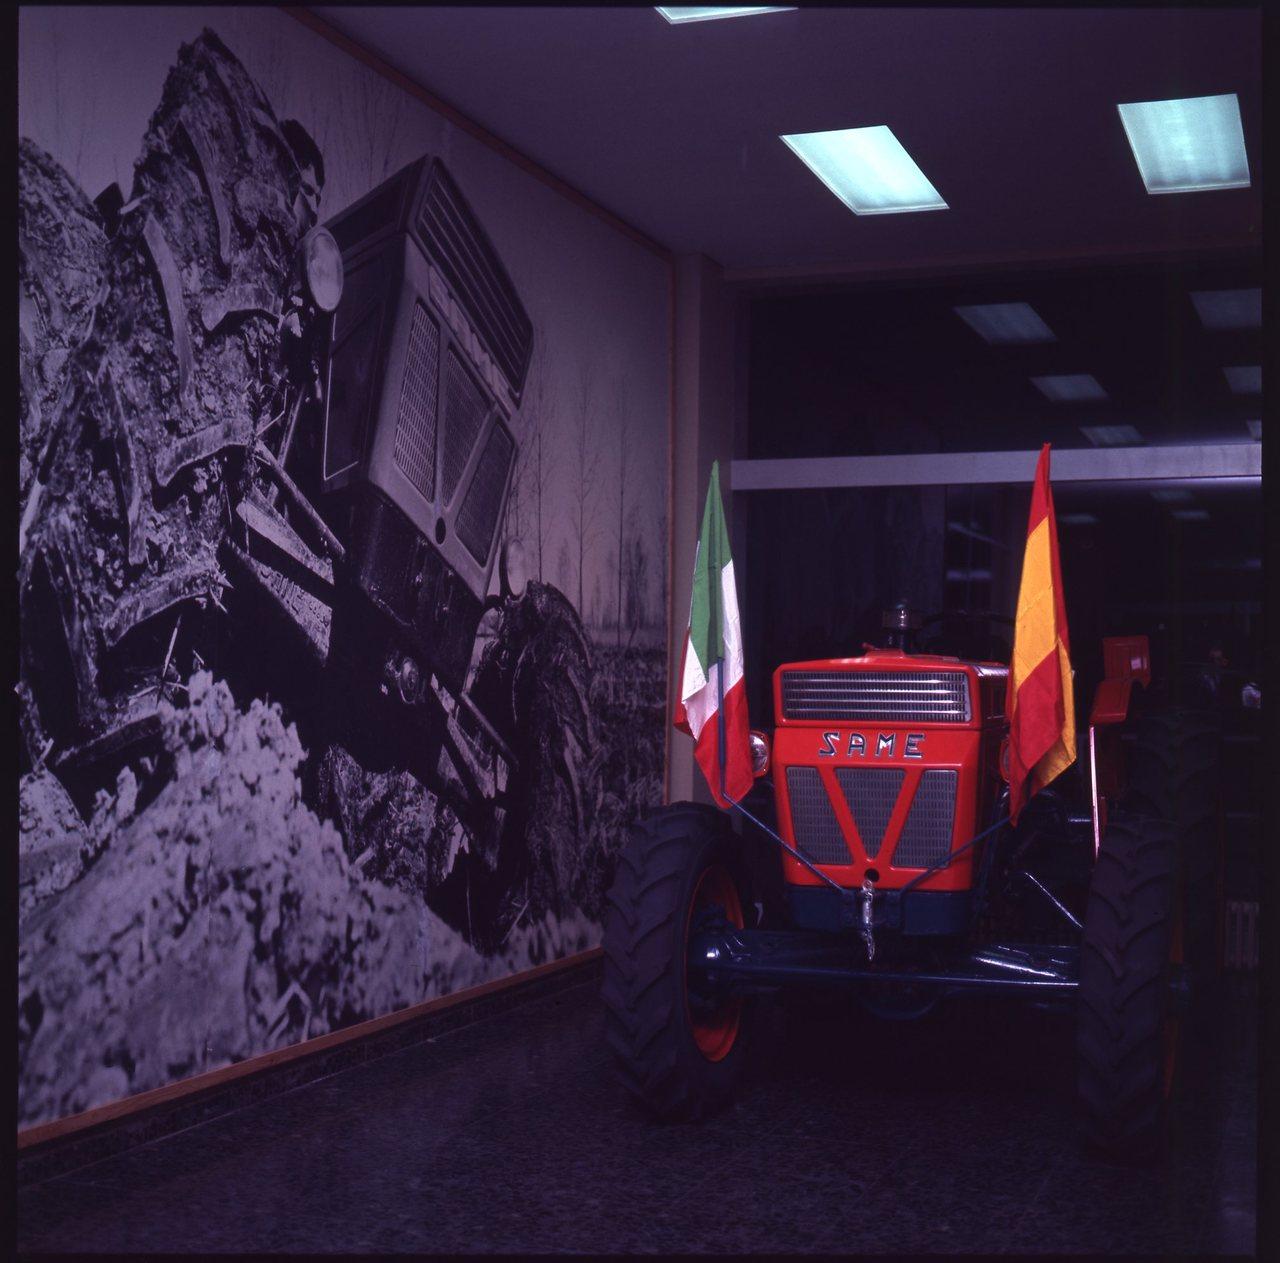 Diapositive Inaugurazione della Sede Same di Madrid, 30.9.68 [trattori in esposizione]